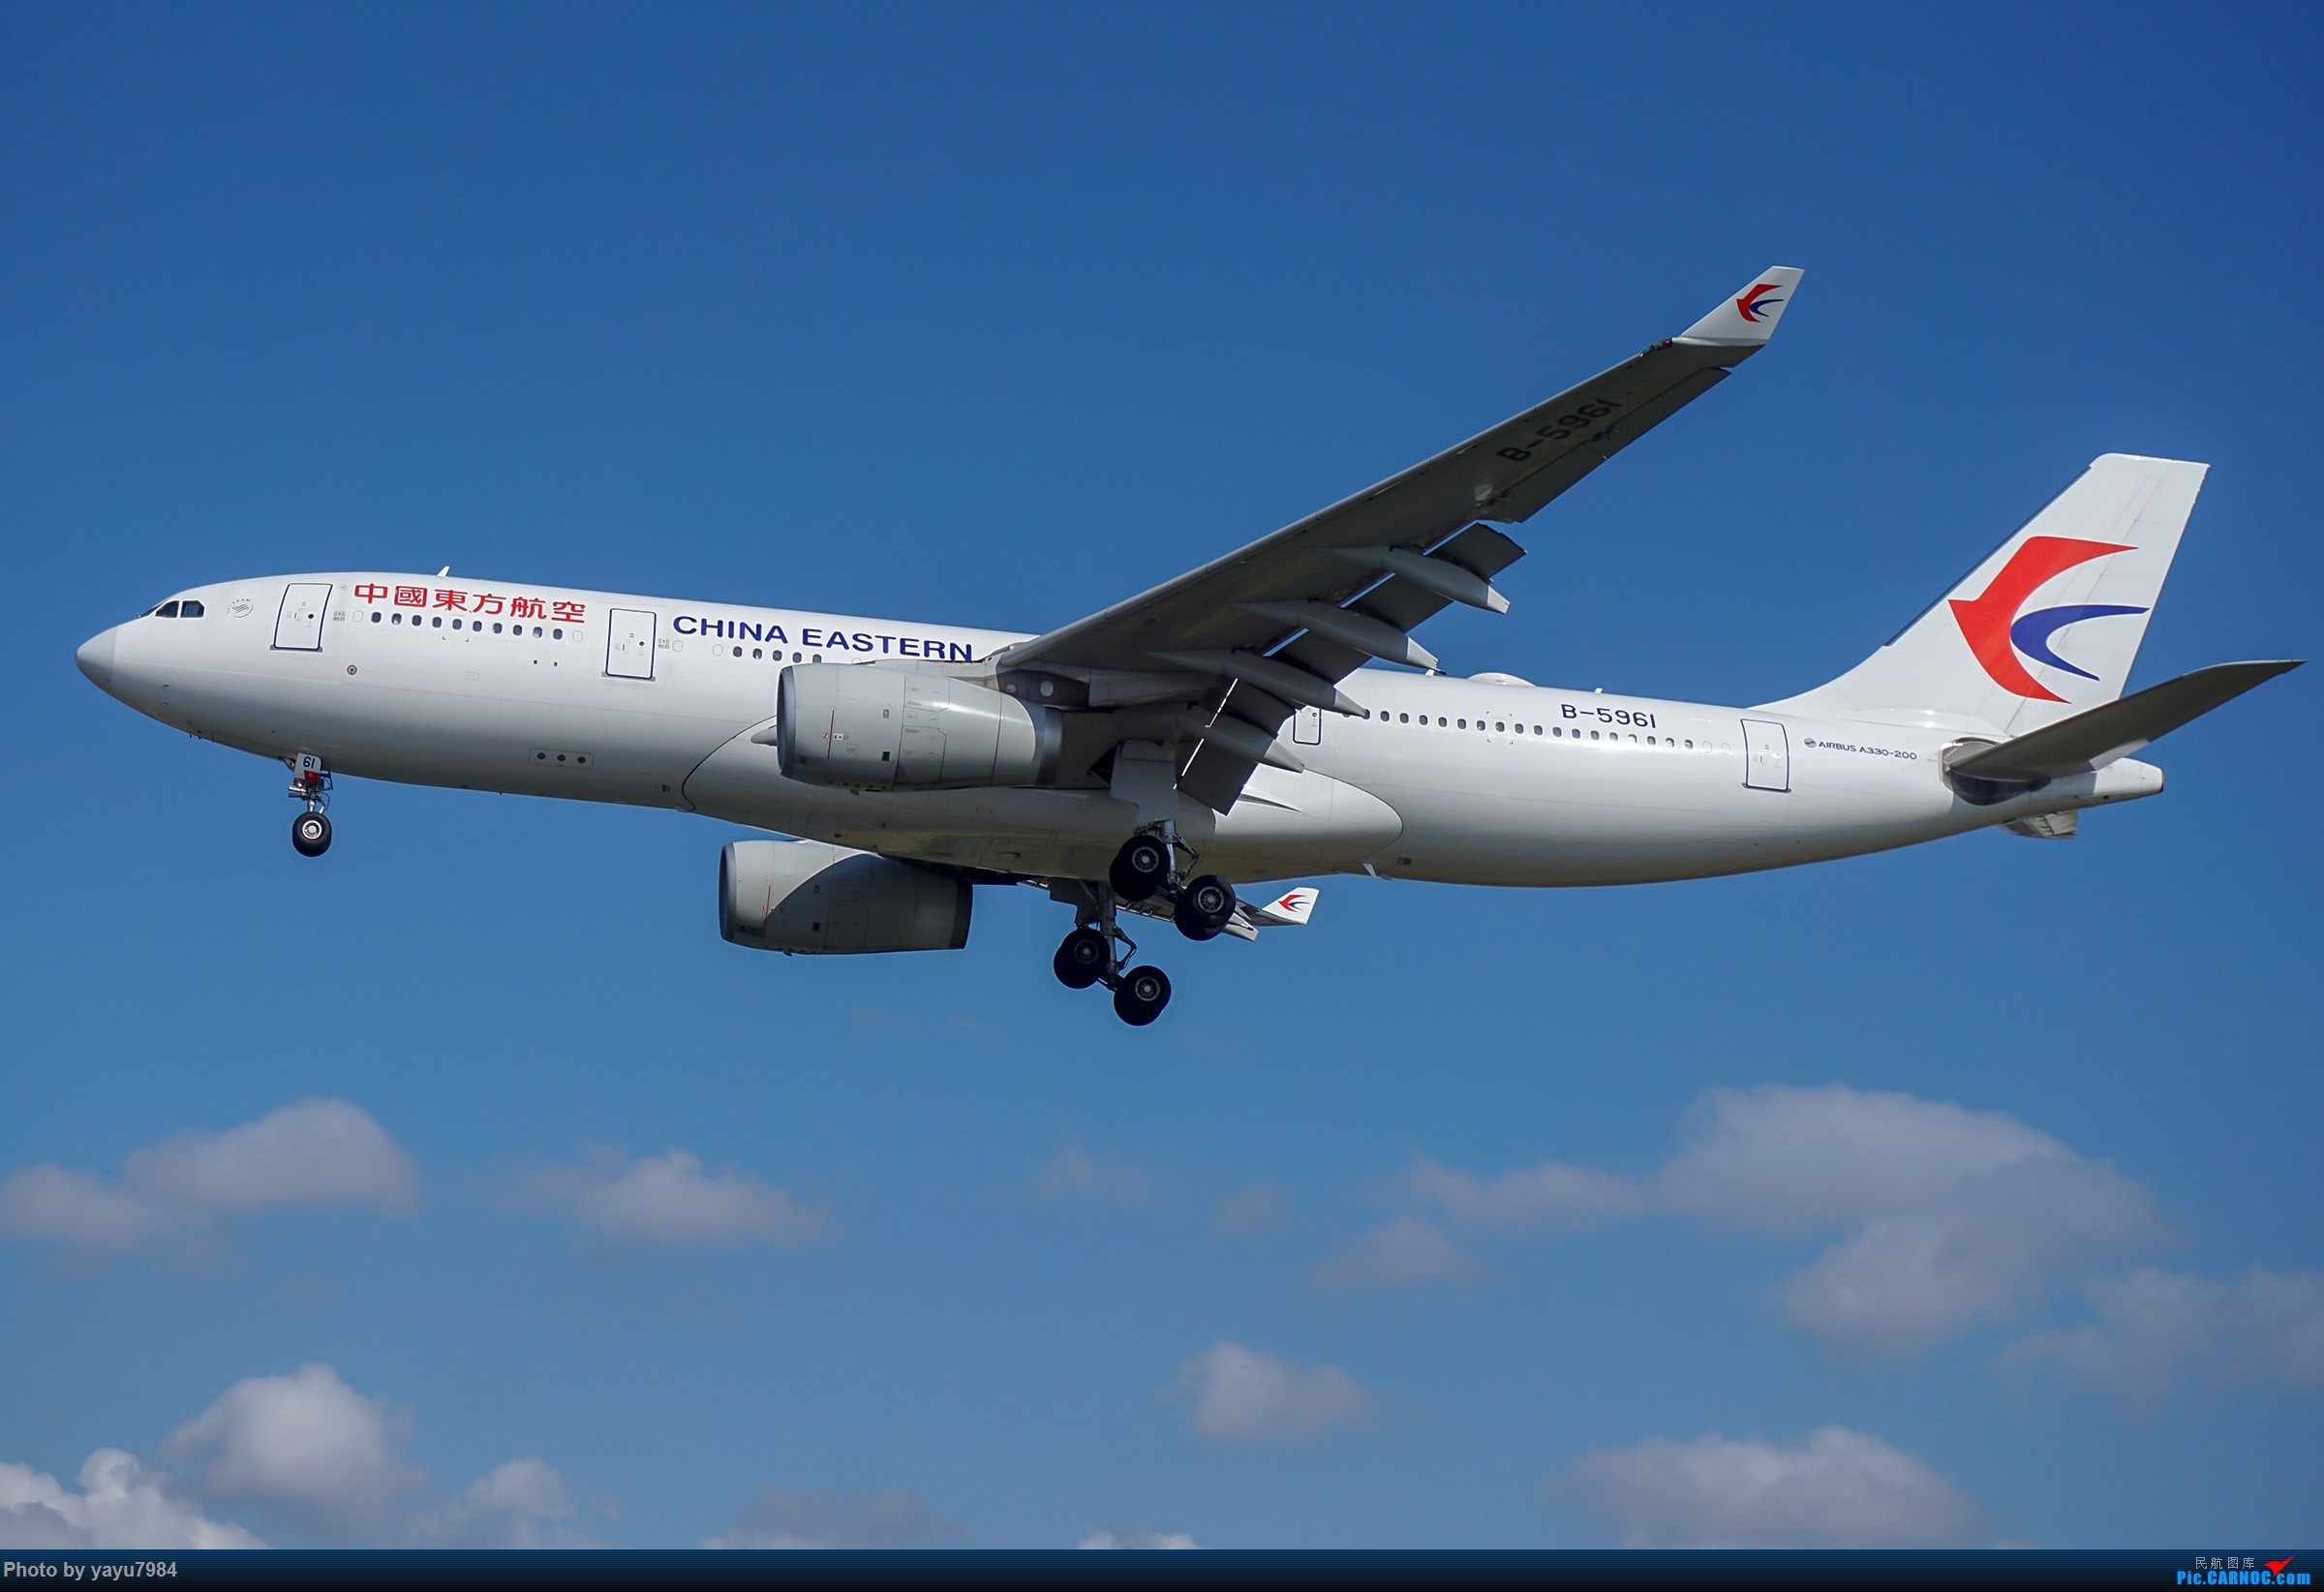 Re:[SYD] 东航天合332,雪绒花343,华航蓝鹊,以及其他日常货 AIRBUS A330-200 B-5961 澳大利亚悉尼金斯福德·史密斯机场